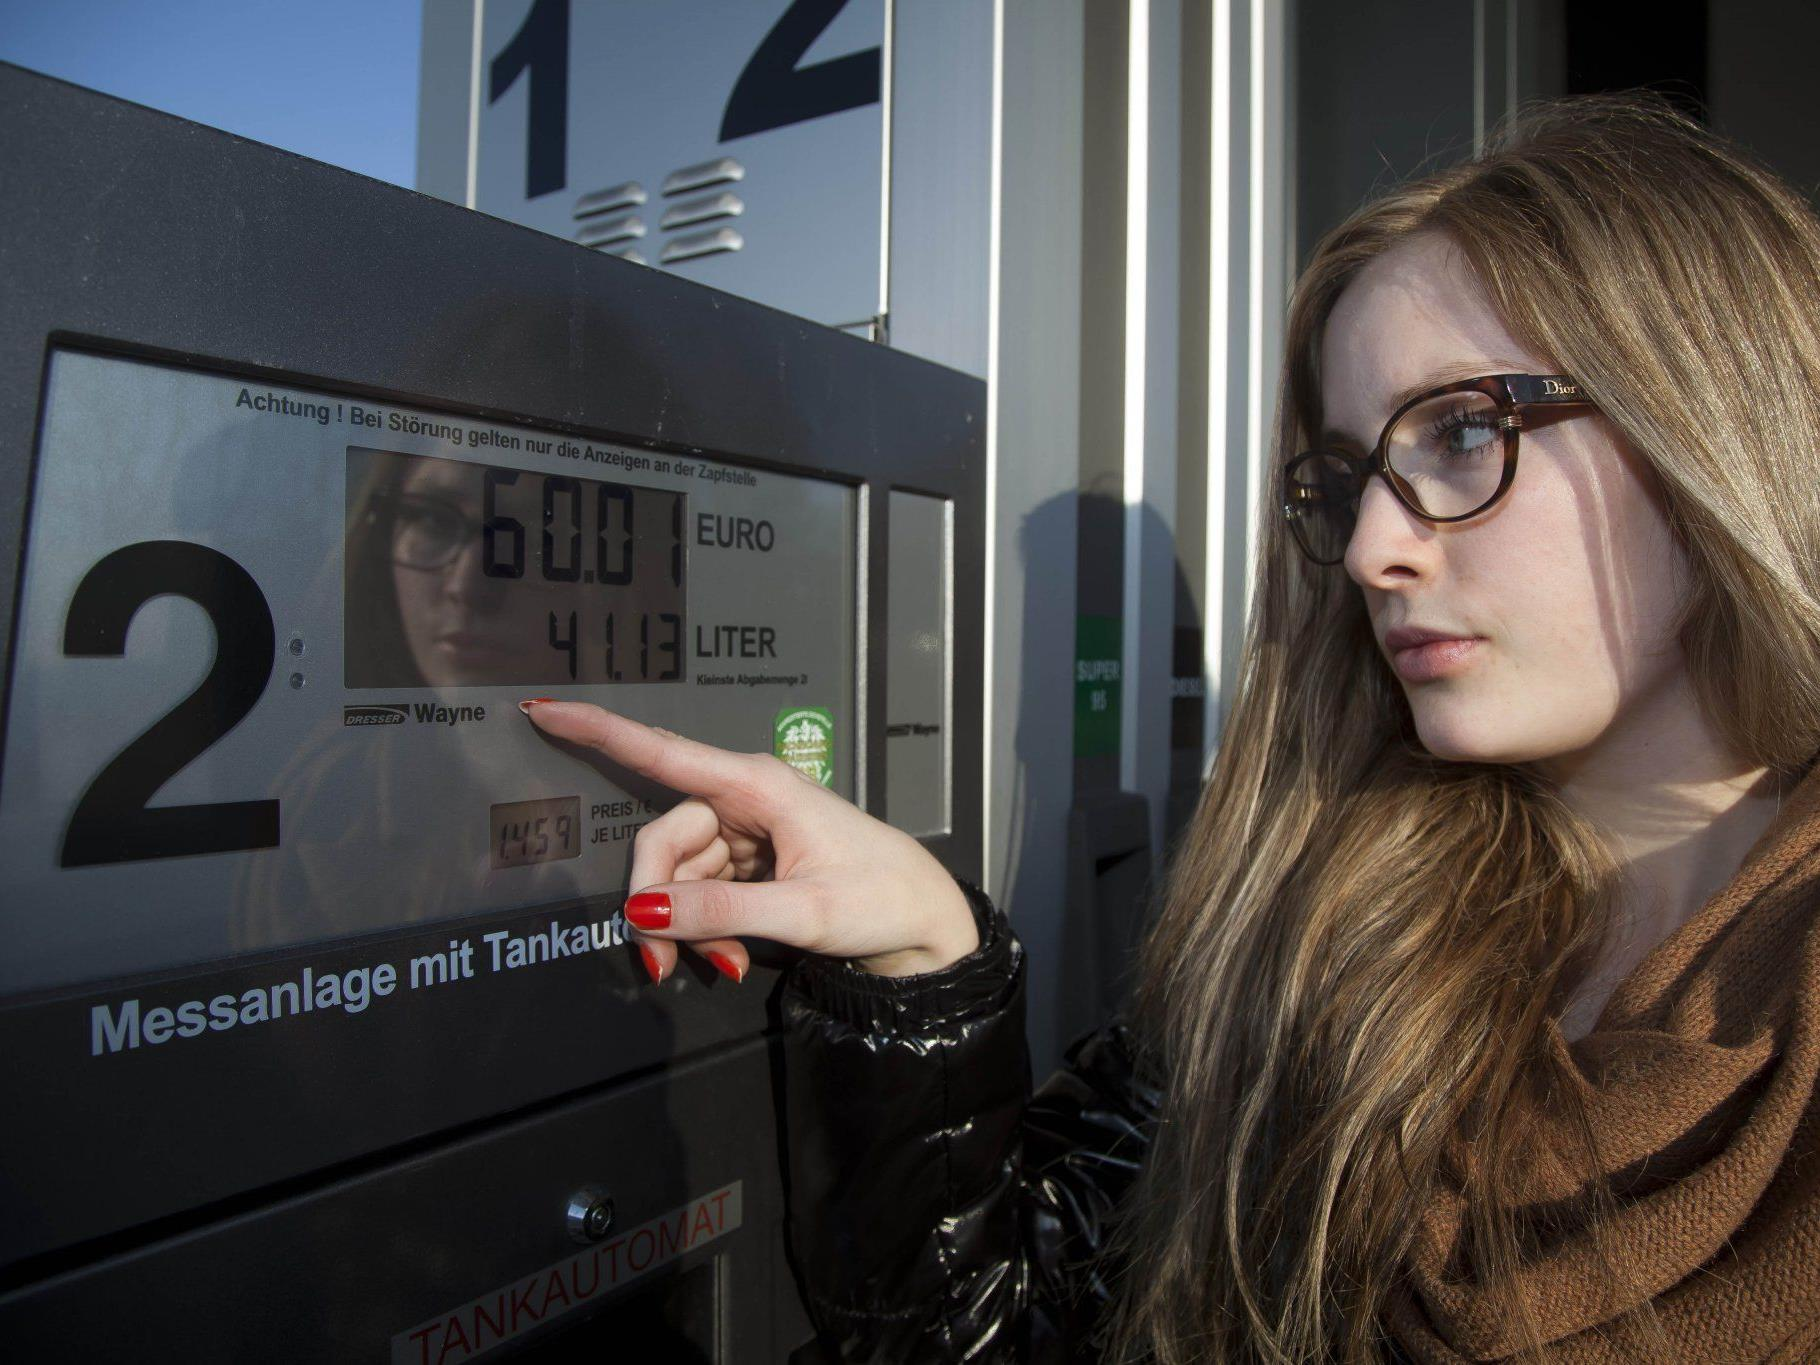 Der März 2012 war der bisher teuerste Tankmonat.